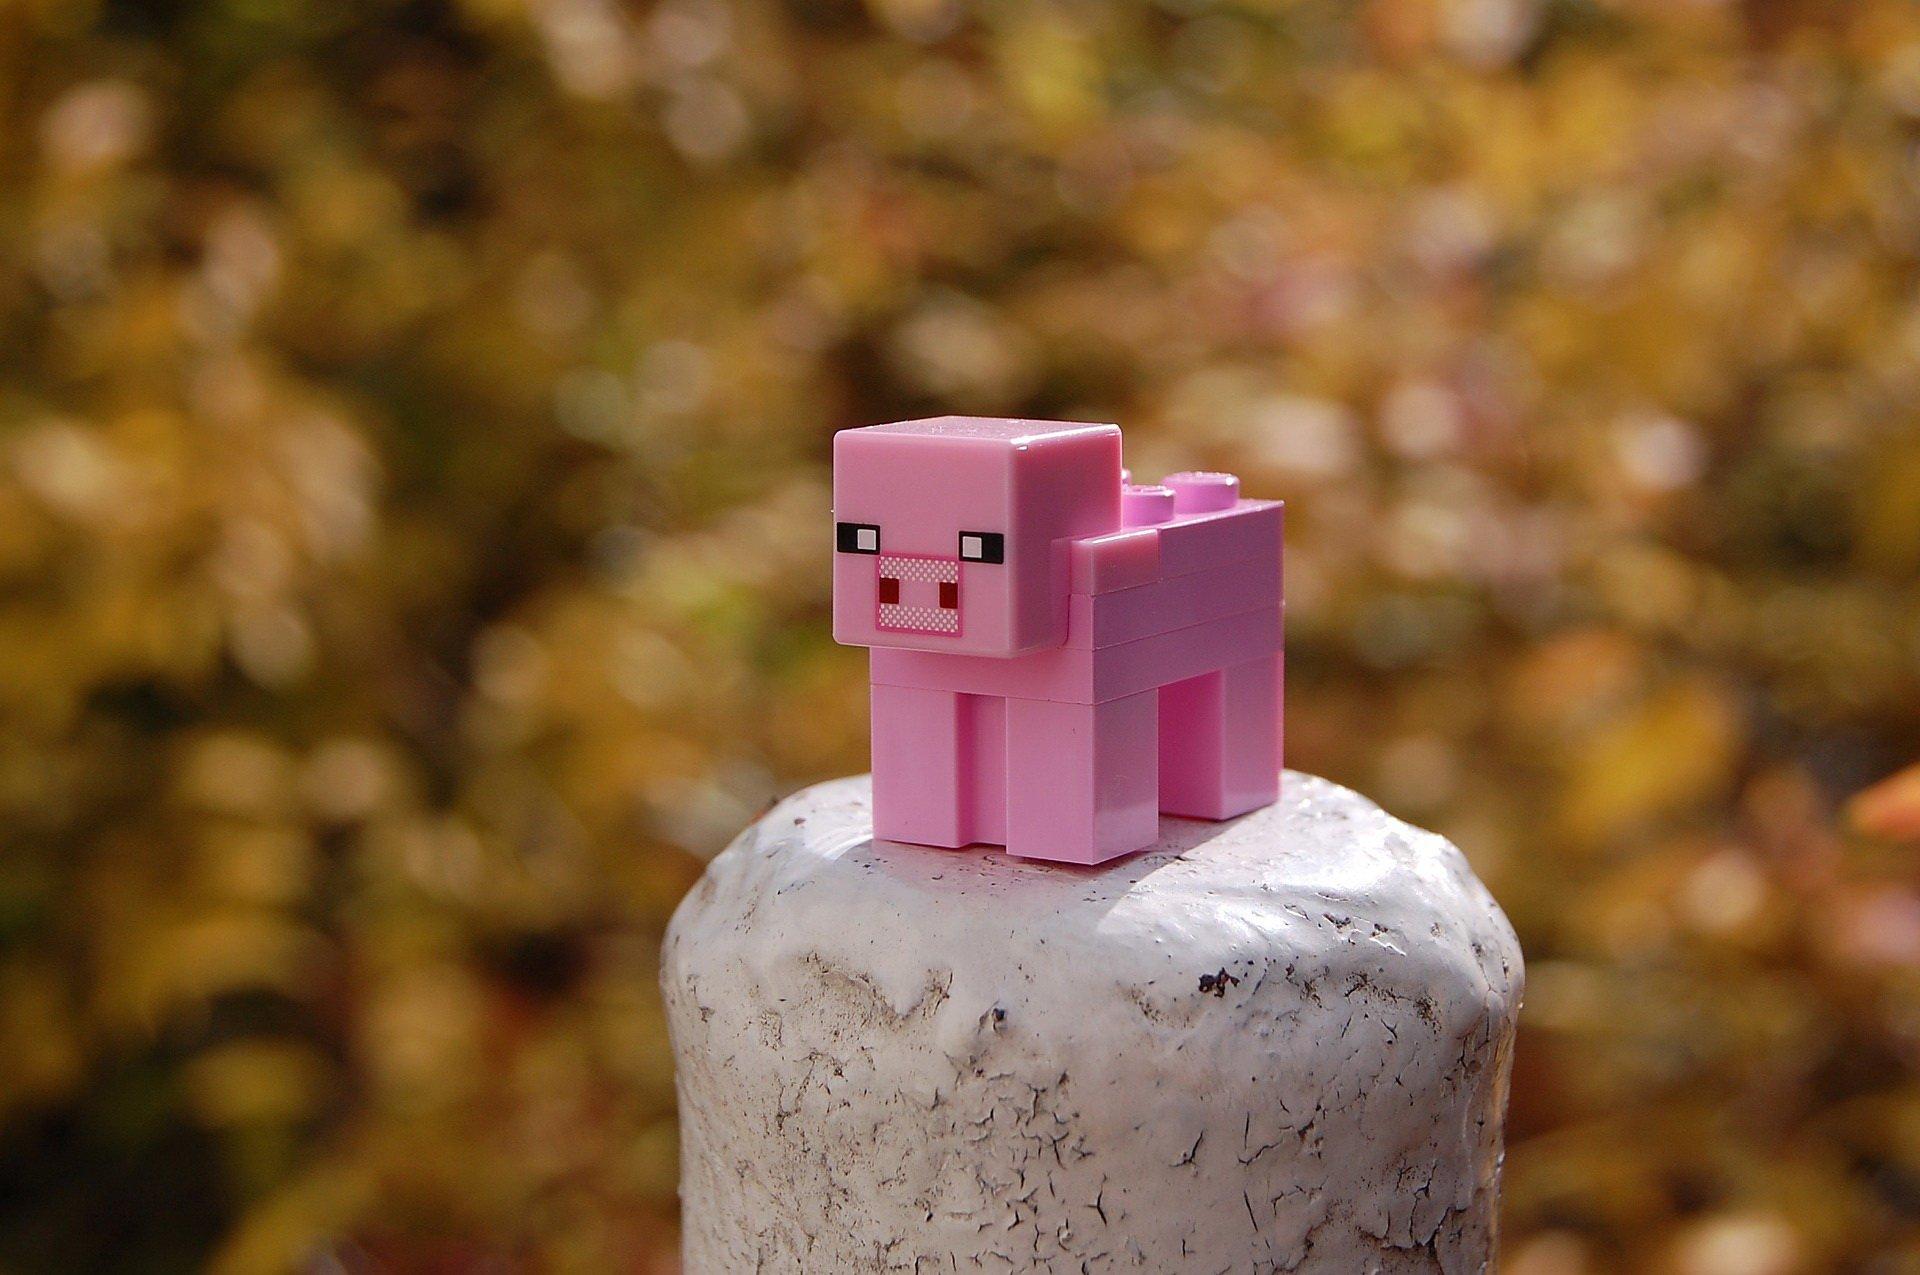 Minecraft quiz dla dzieci, test wiedzy z minecrafta z odpowiedziami